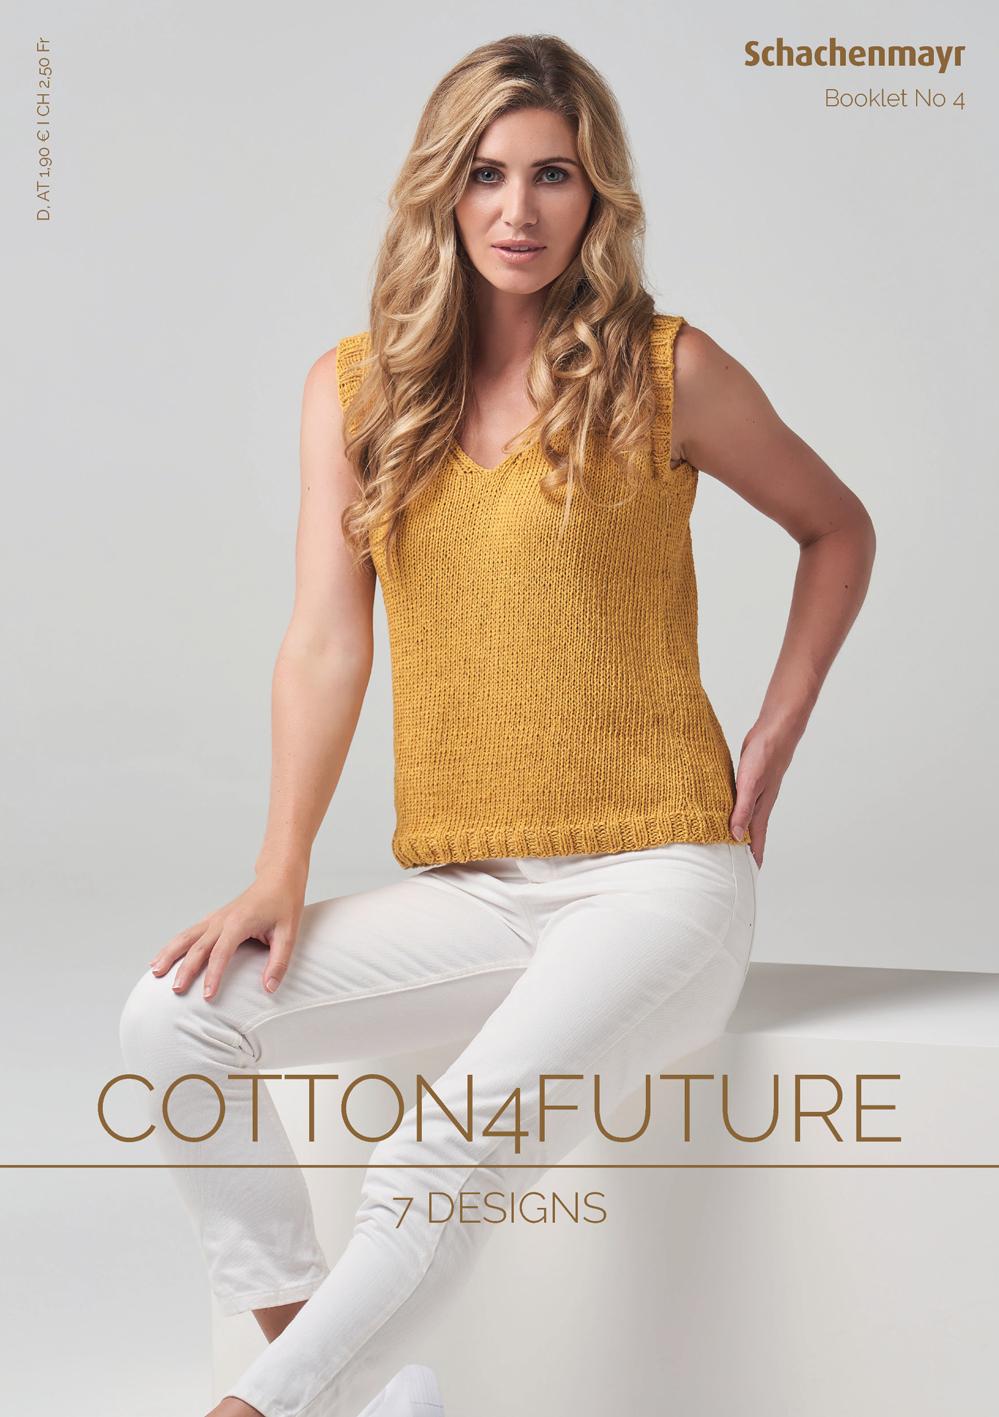 Titel_Booklet_cotton4future_No4_A5-pdf-Hi-Res-JPEG